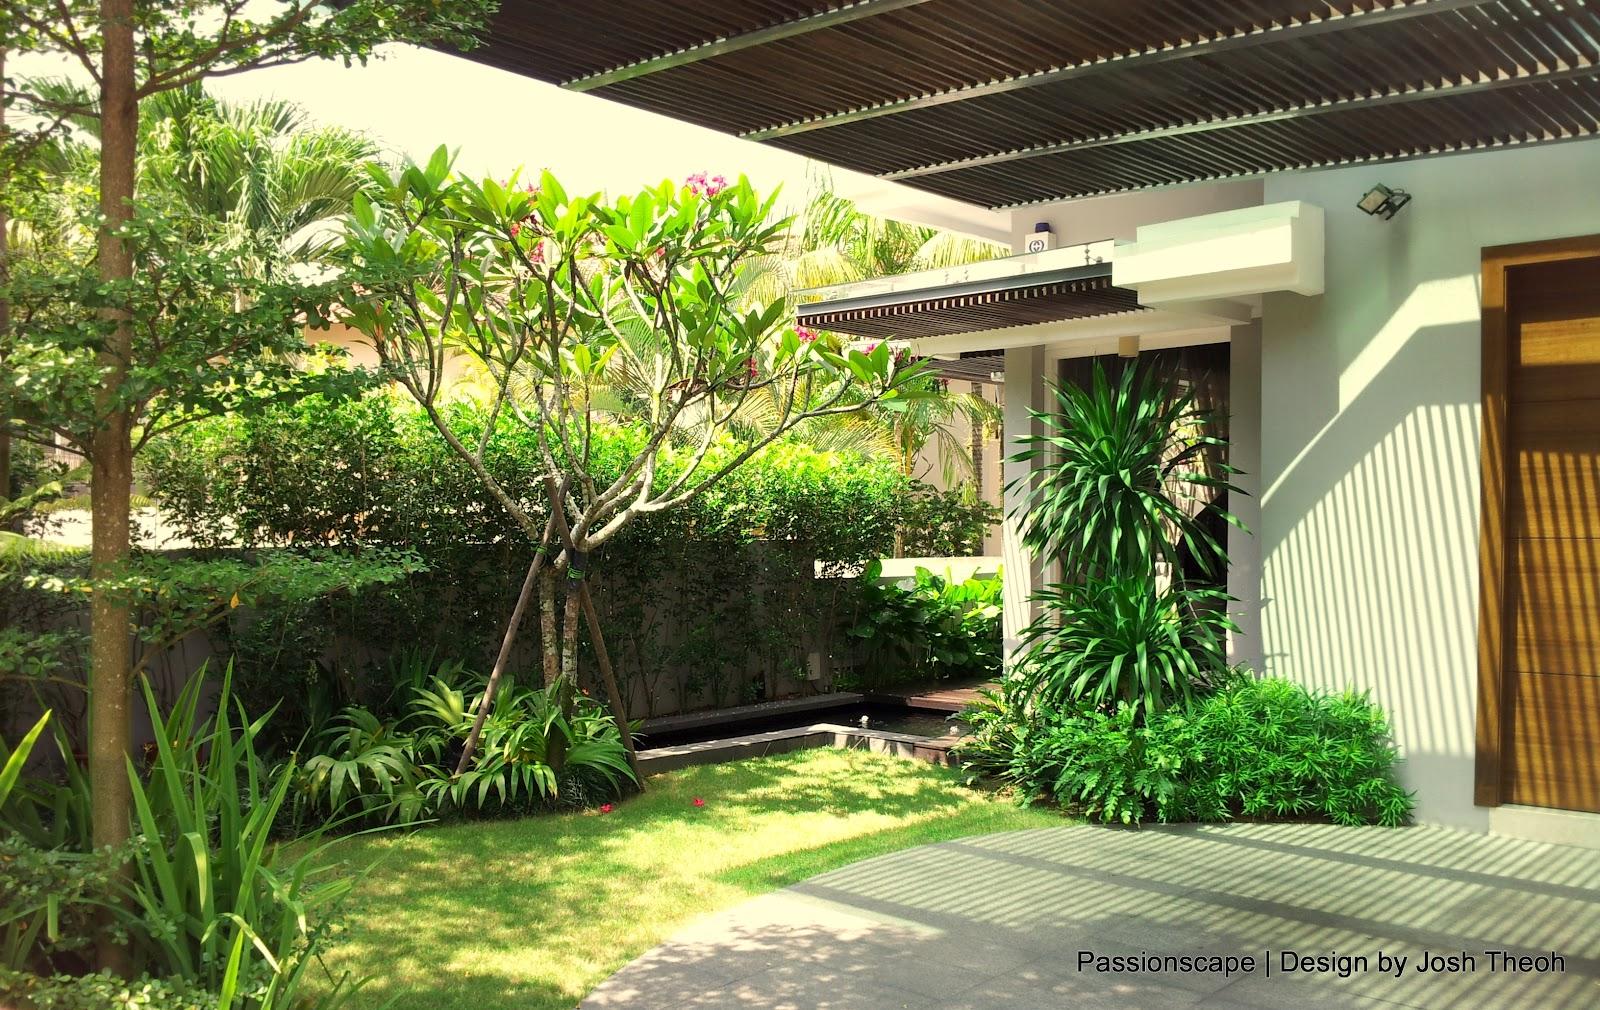 Singapore landscape design garden the common denominator for Balcony garden ideas in dubai